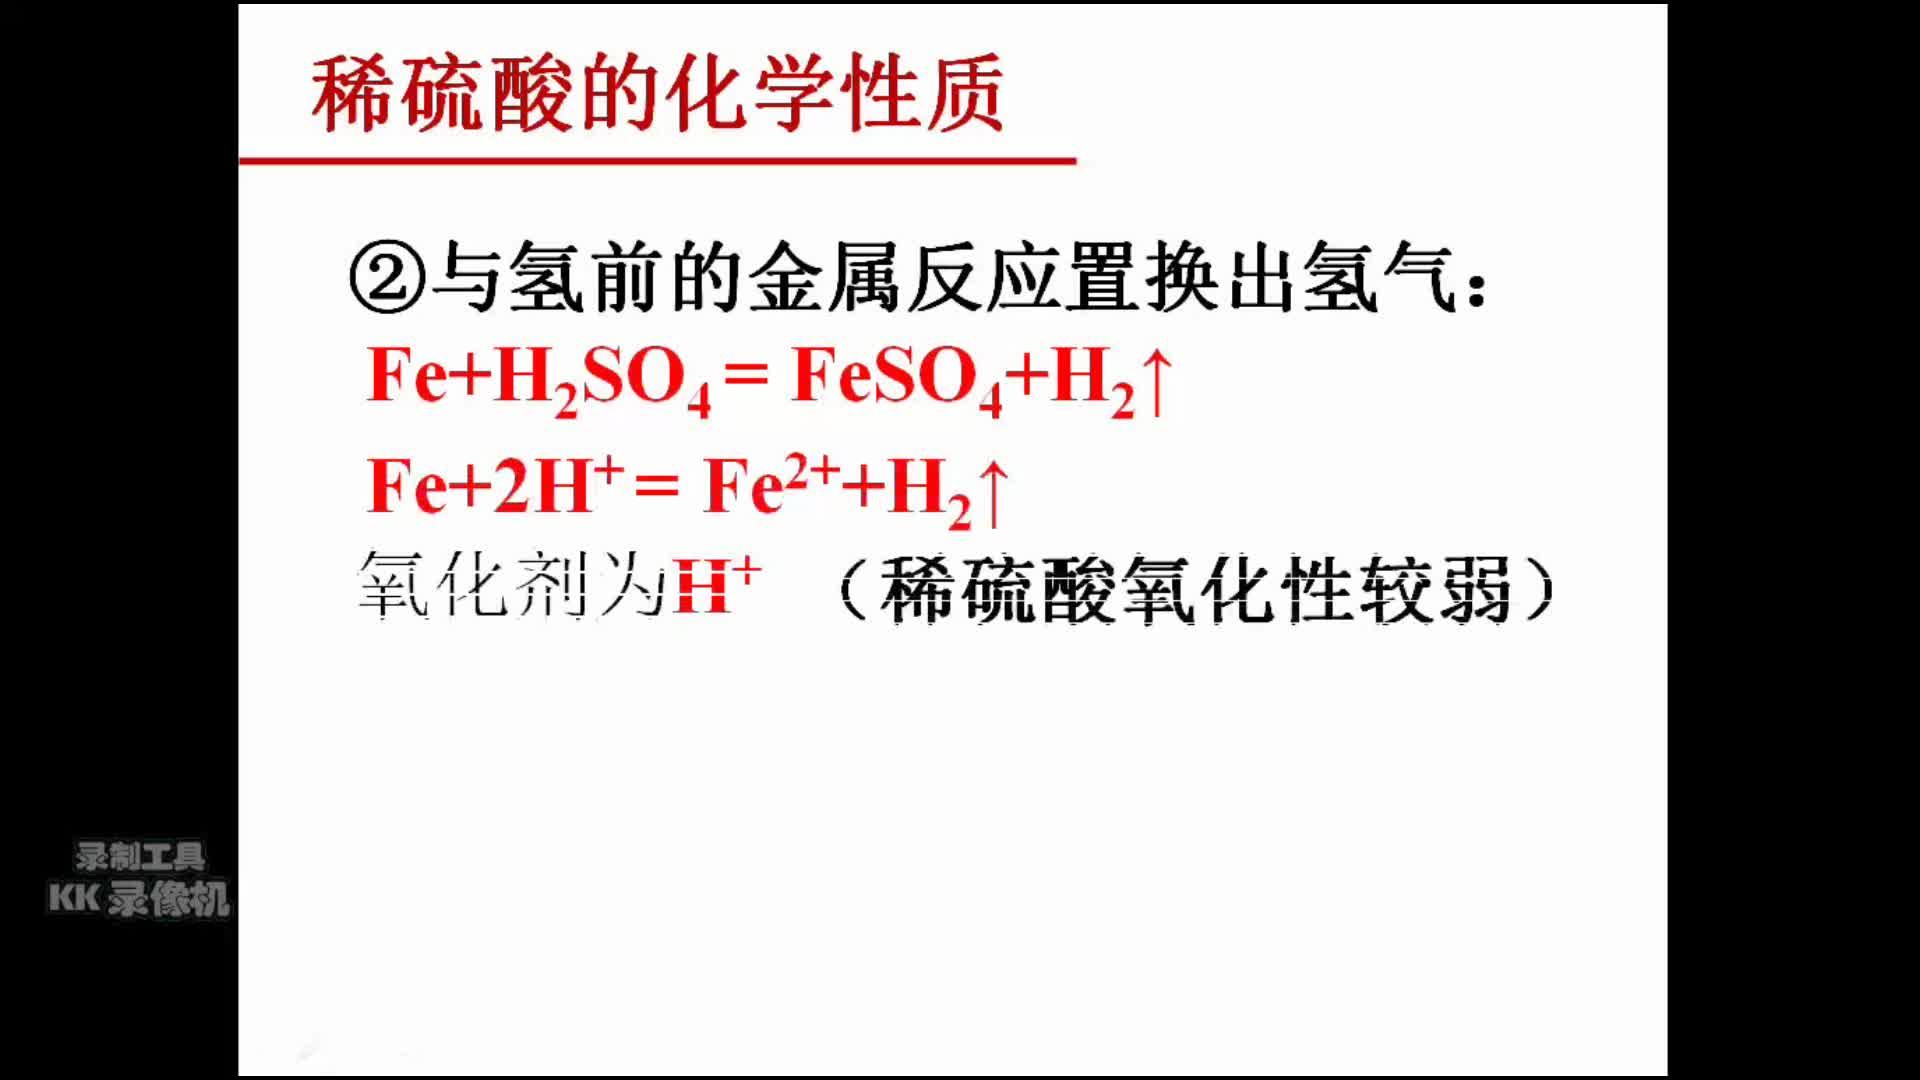 沪教版高中化学高一下册-5.3硫酸-稀硫酸的性质 视频微课